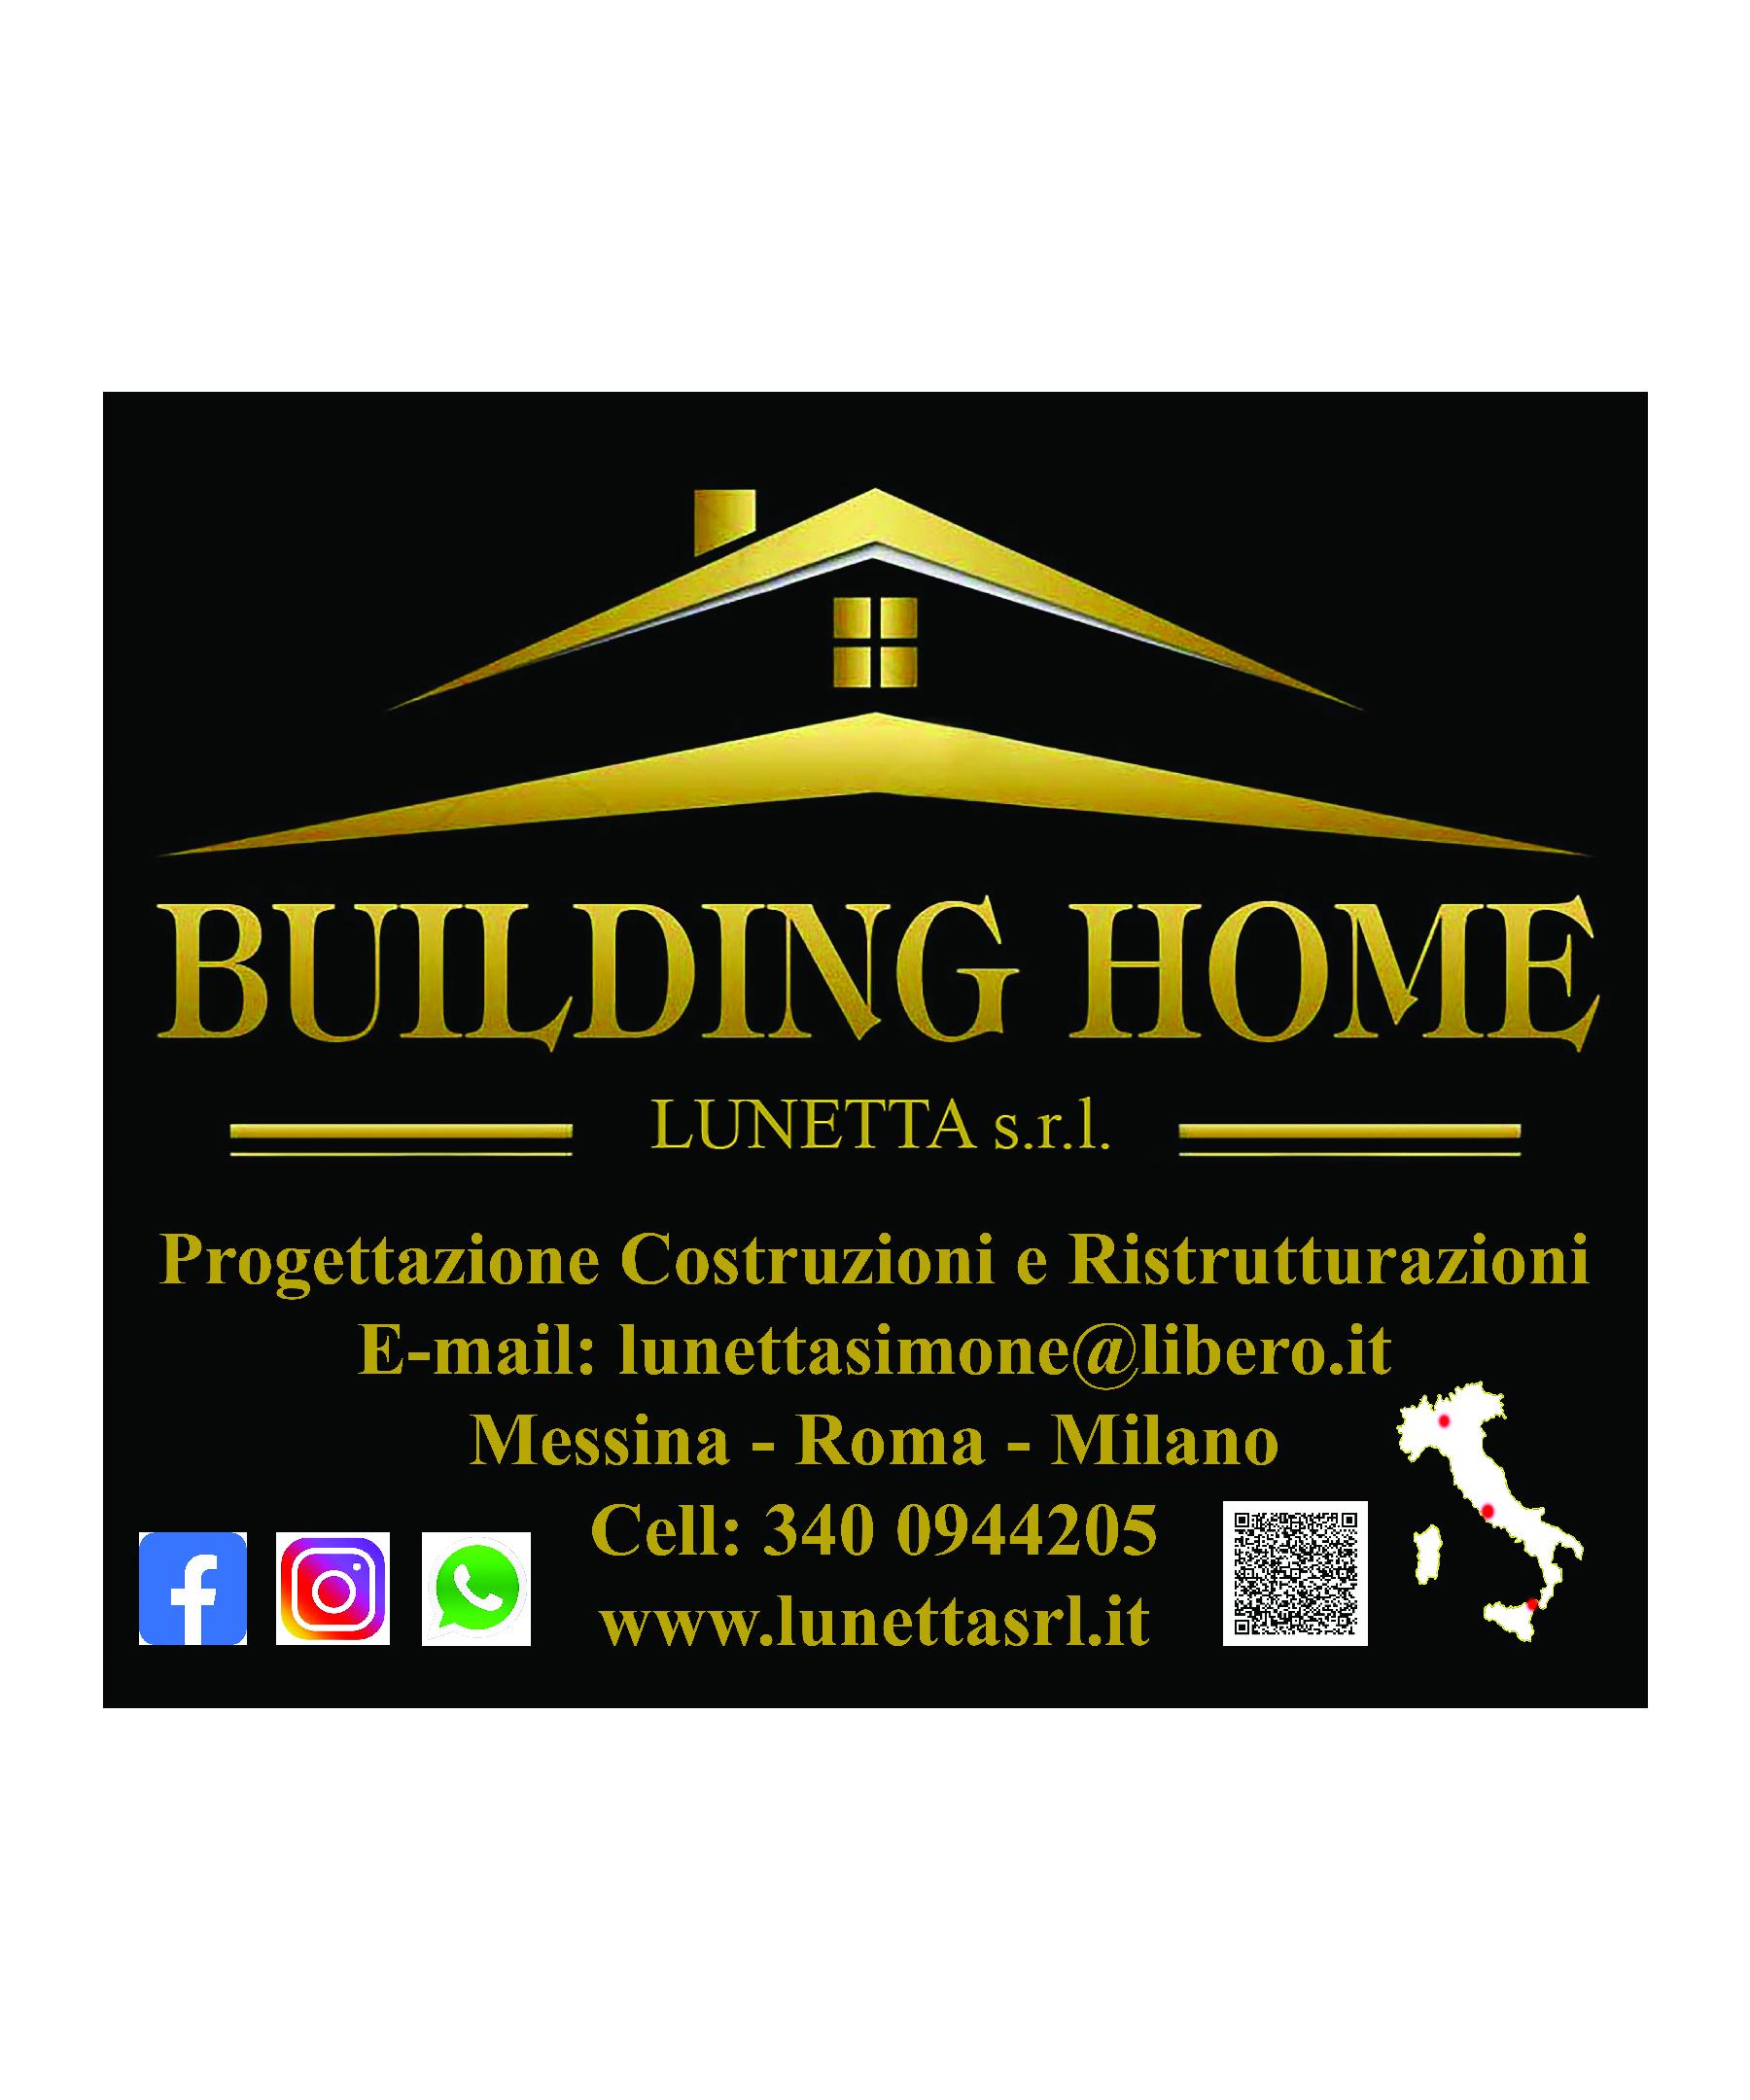 contenitore bronze sit buliding home 2020 utimo